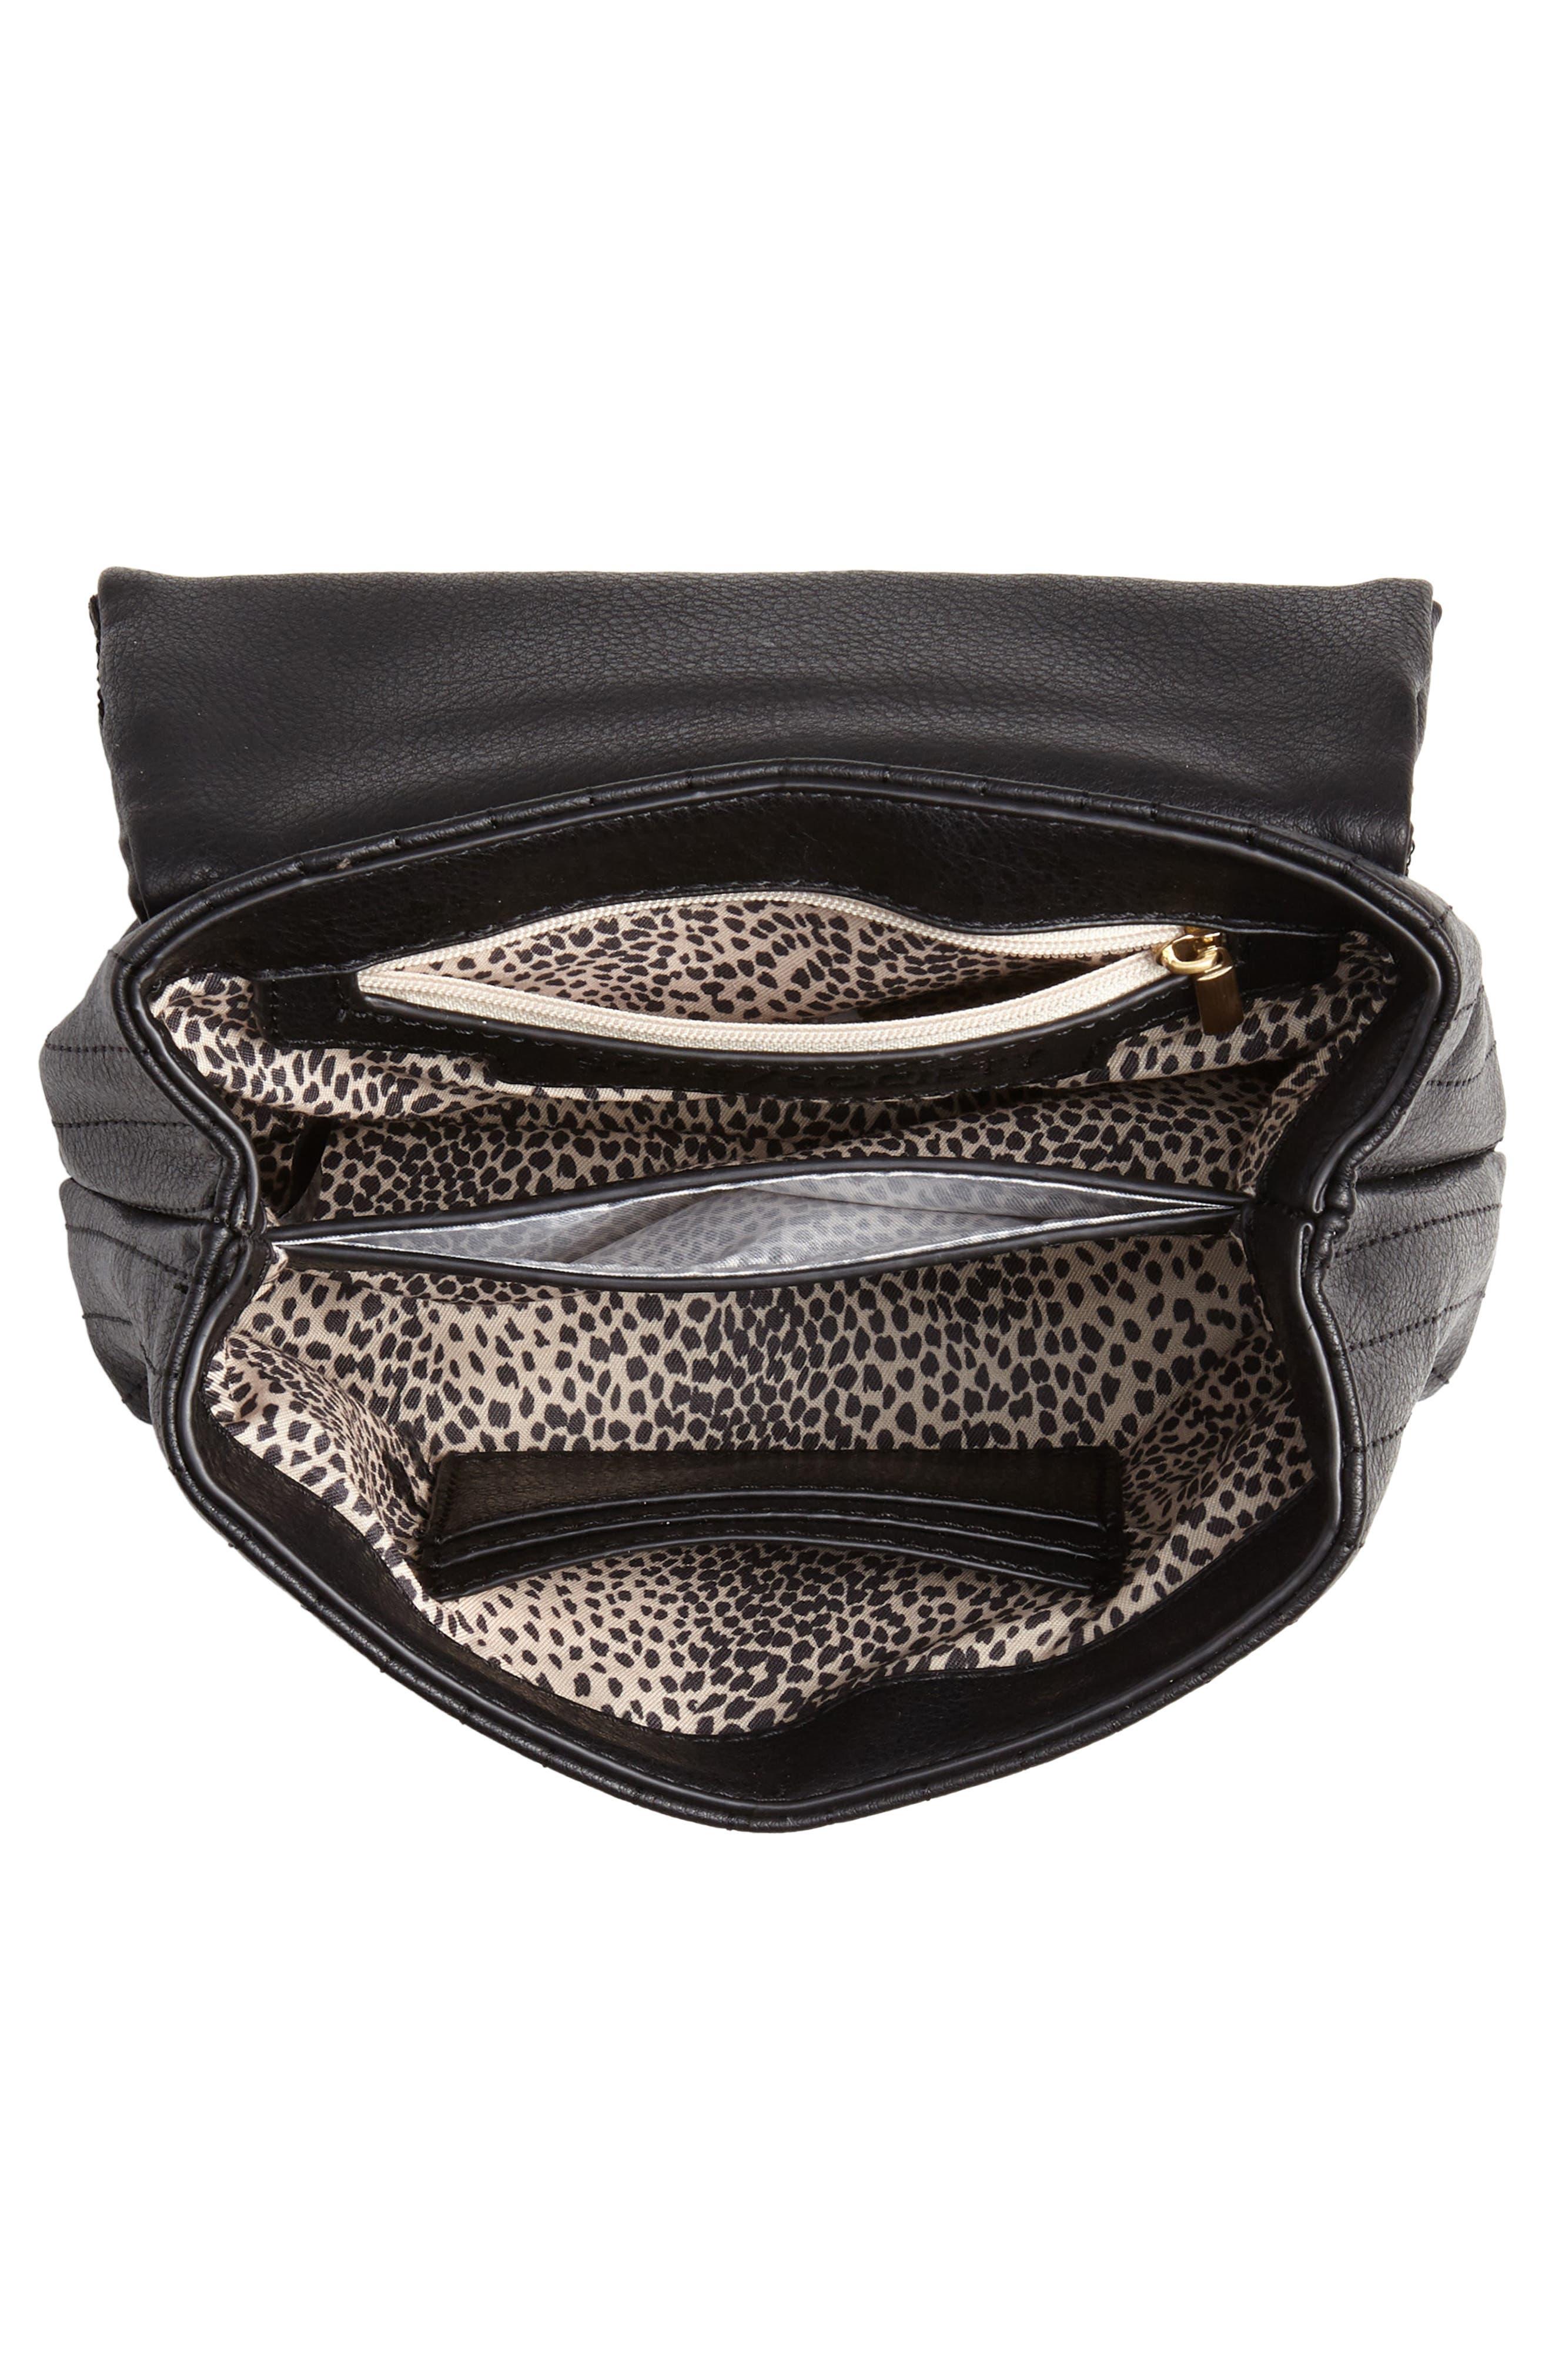 Urche Faux Leather Crossbody Bag,                             Alternate thumbnail 4, color,                             BLACK